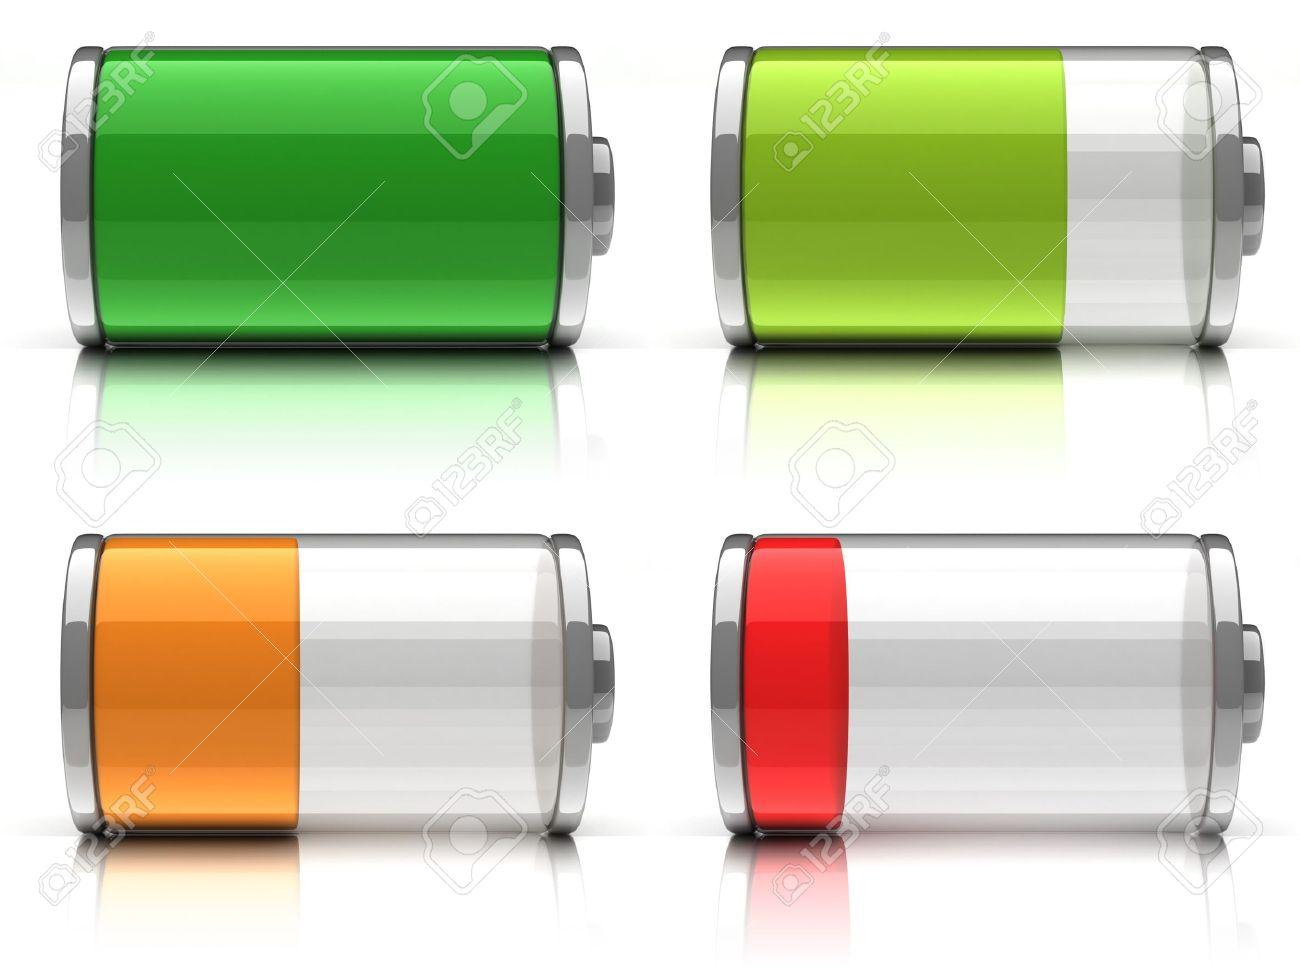 Уровень заряда батареи